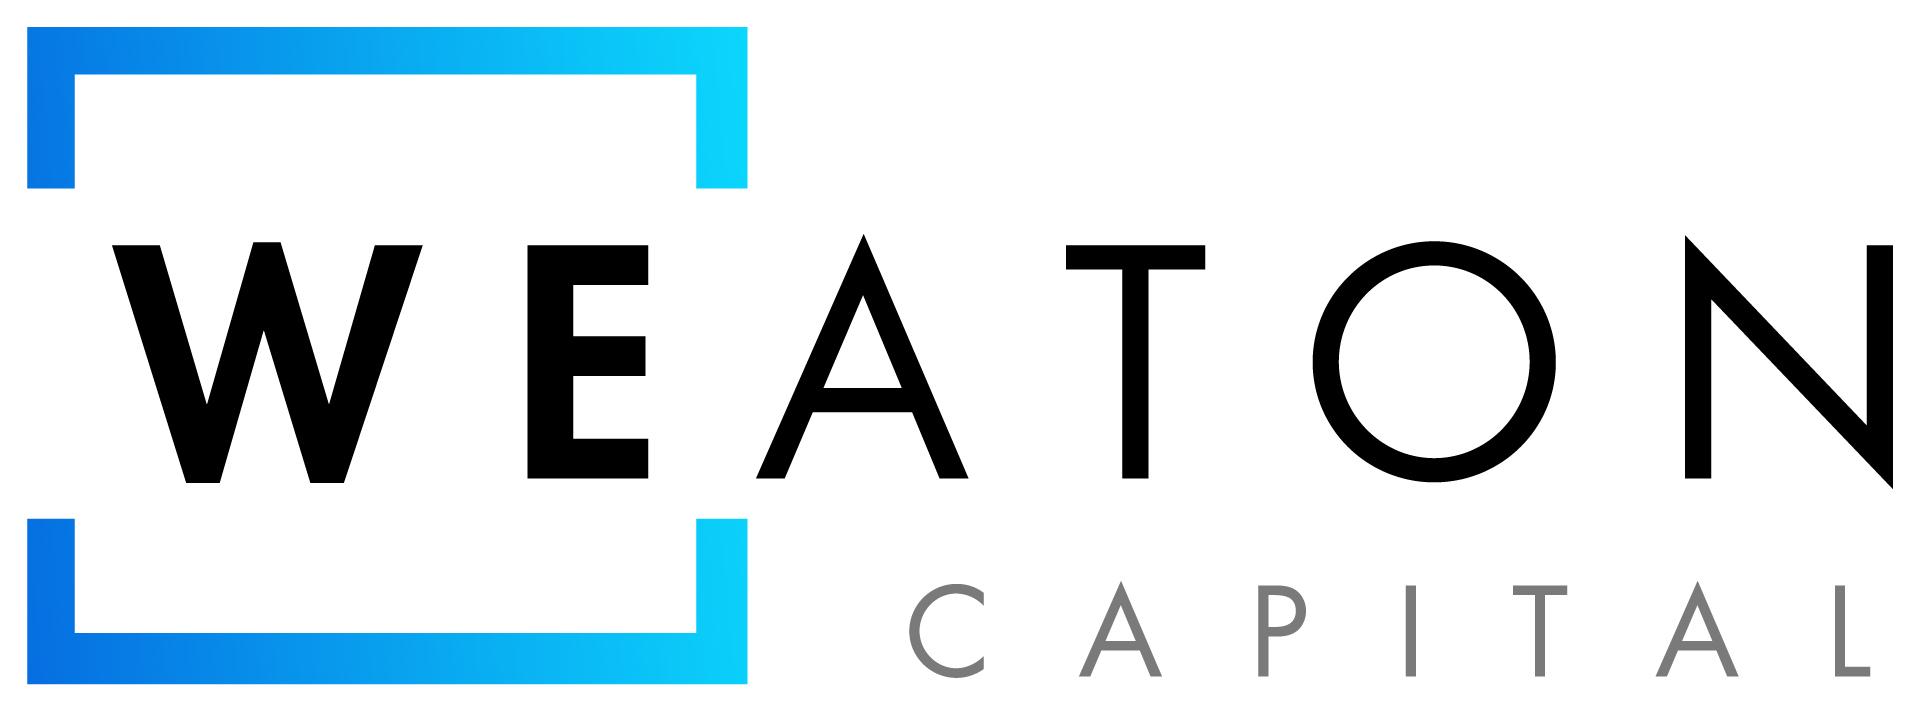 Weaton-Logo-1920x708px